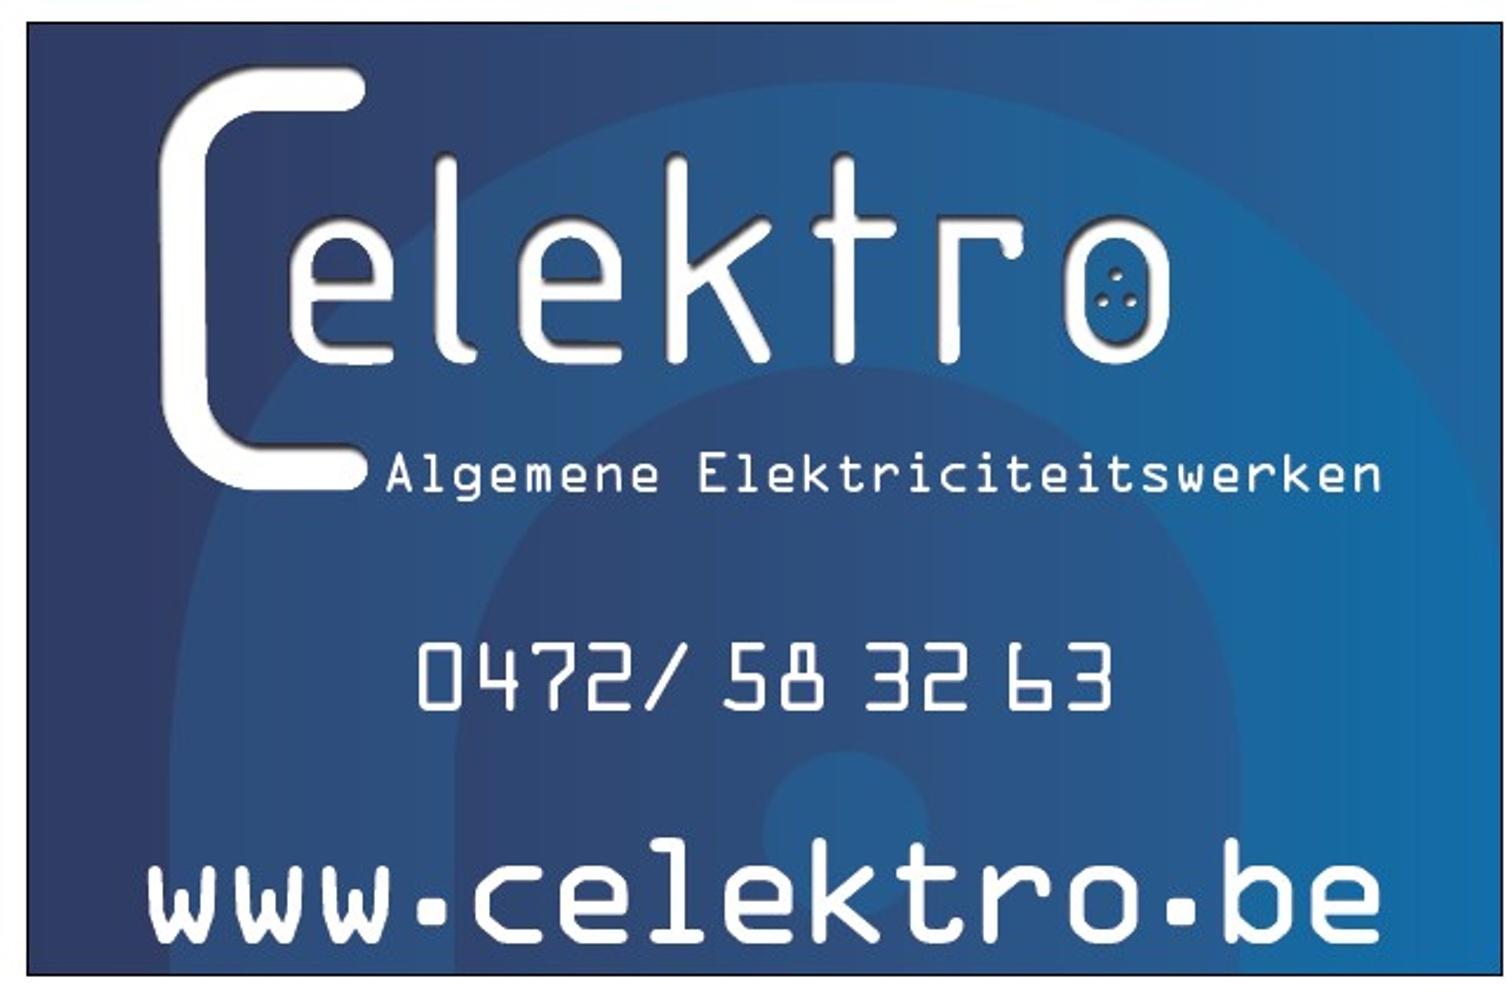 logo Celektro bv